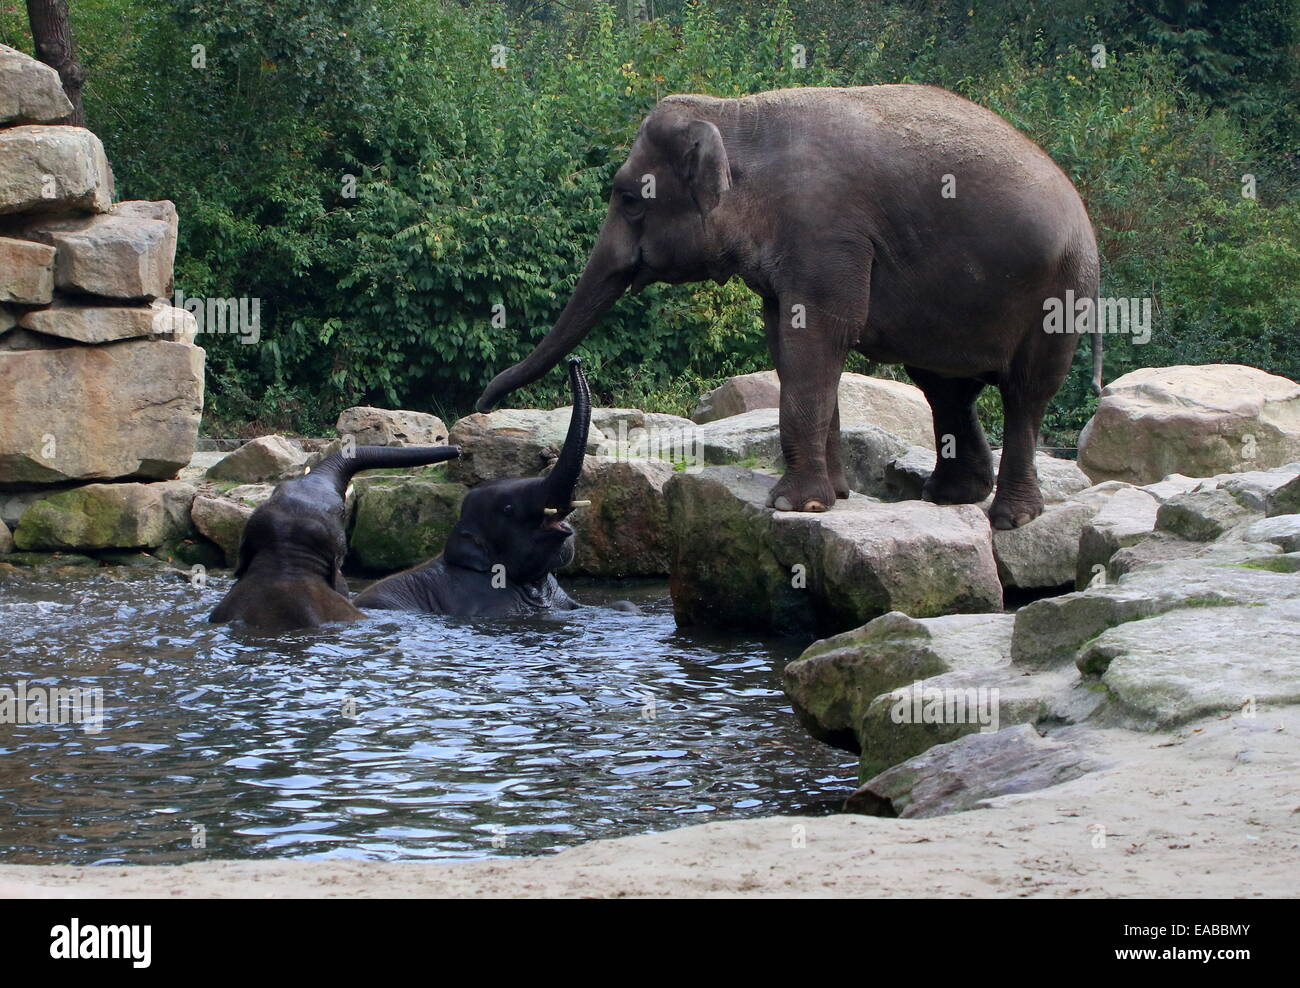 L'éléphant indien féminin (Elephas maximus) balance son tronc en message d'accueil, deux jeunes éléphants asiatiques bull echelle Banque D'Images